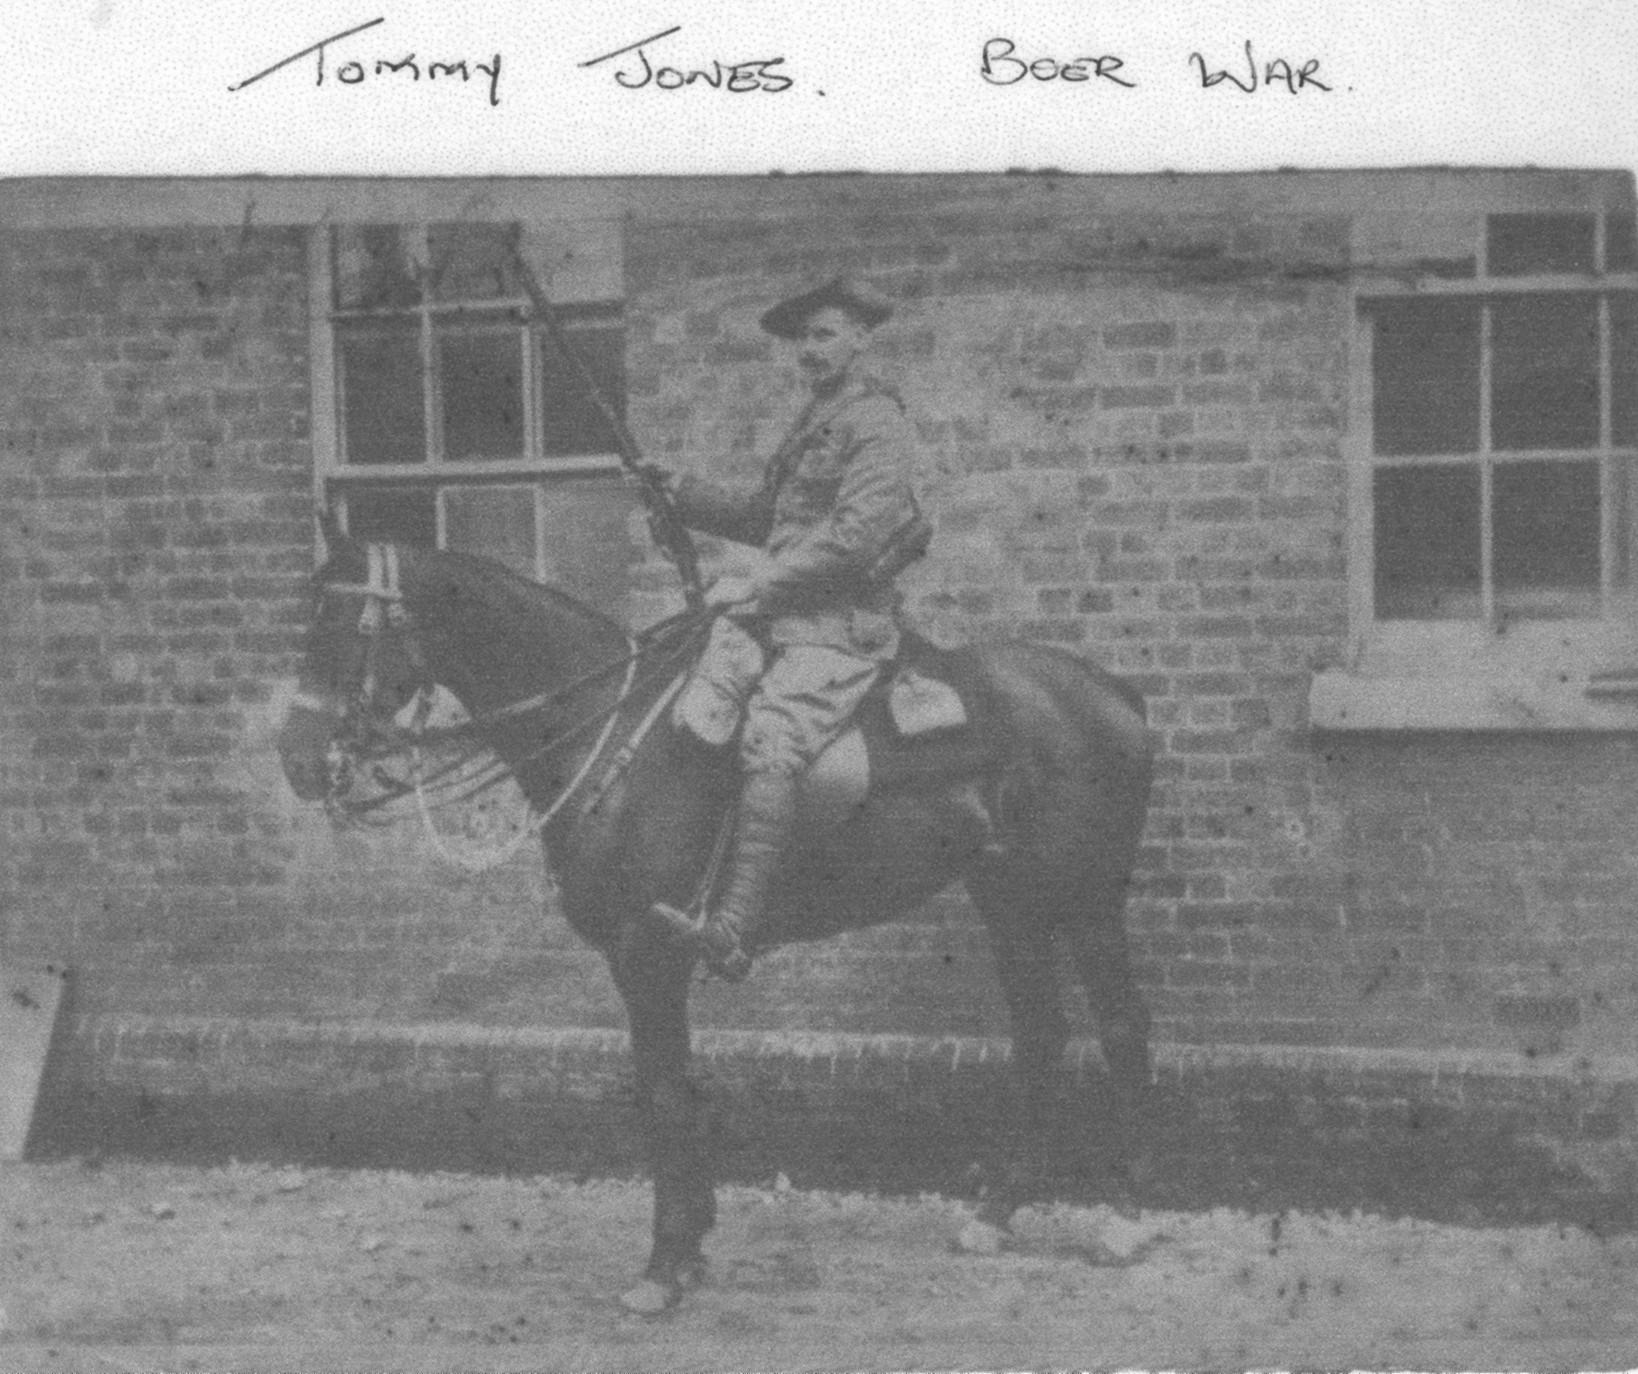 Tommy Jones (Boer War)